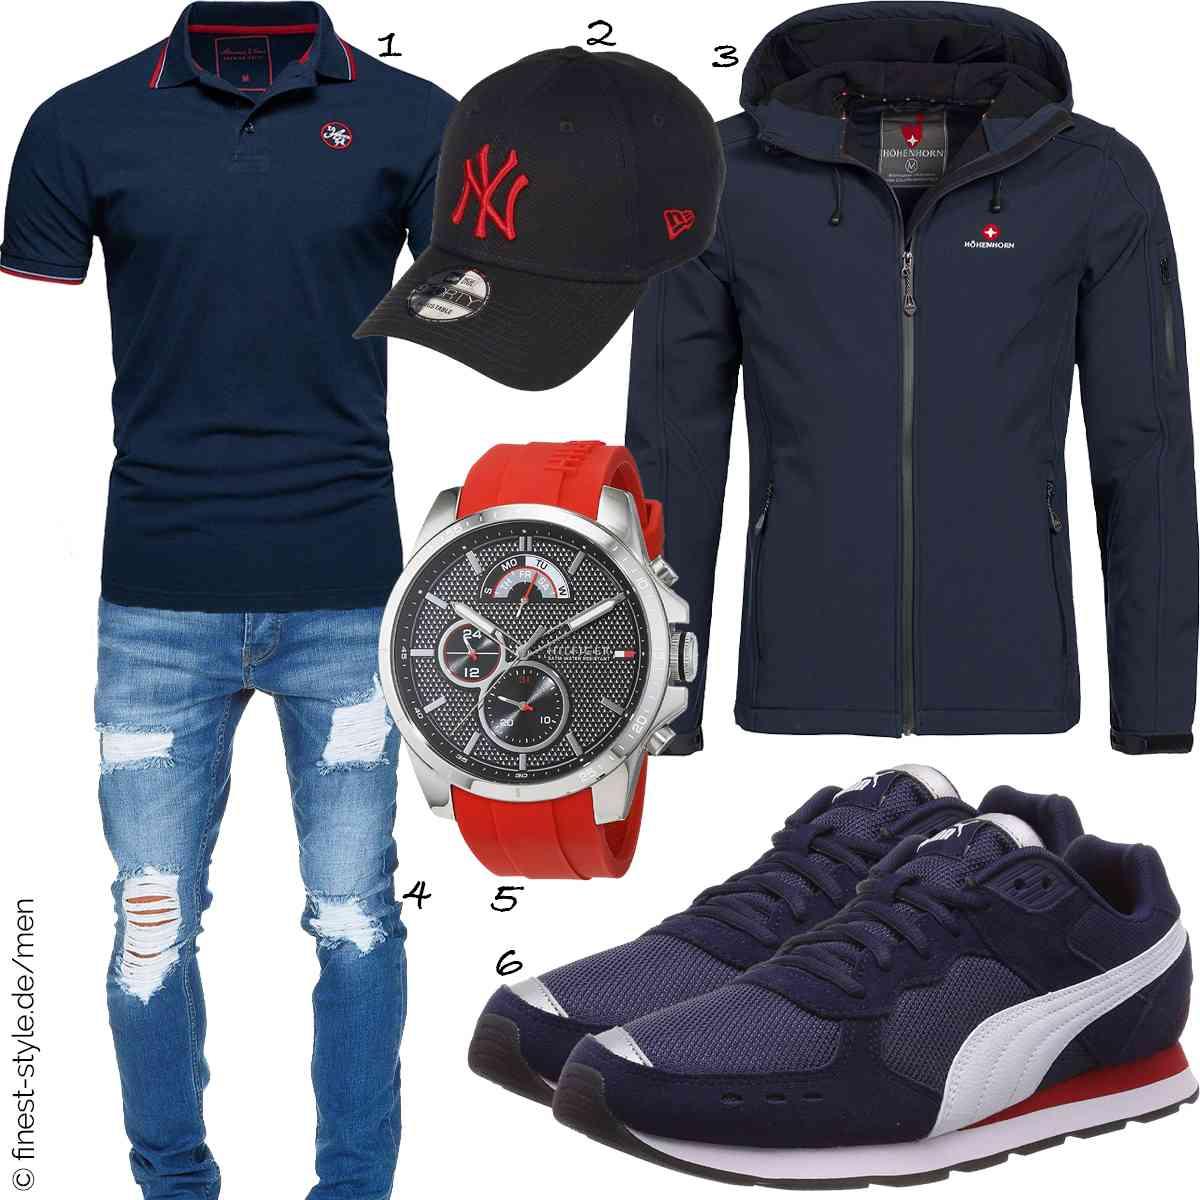 Top Herren-Outfit im Finest-Trend-Style für ein selbstbewusstes Modegefühl mit tollen Produkten von Amaci&Sons,Unbekannt,Höhenhorn,Amaci&Sons,Tommy Hilfiger,Puma